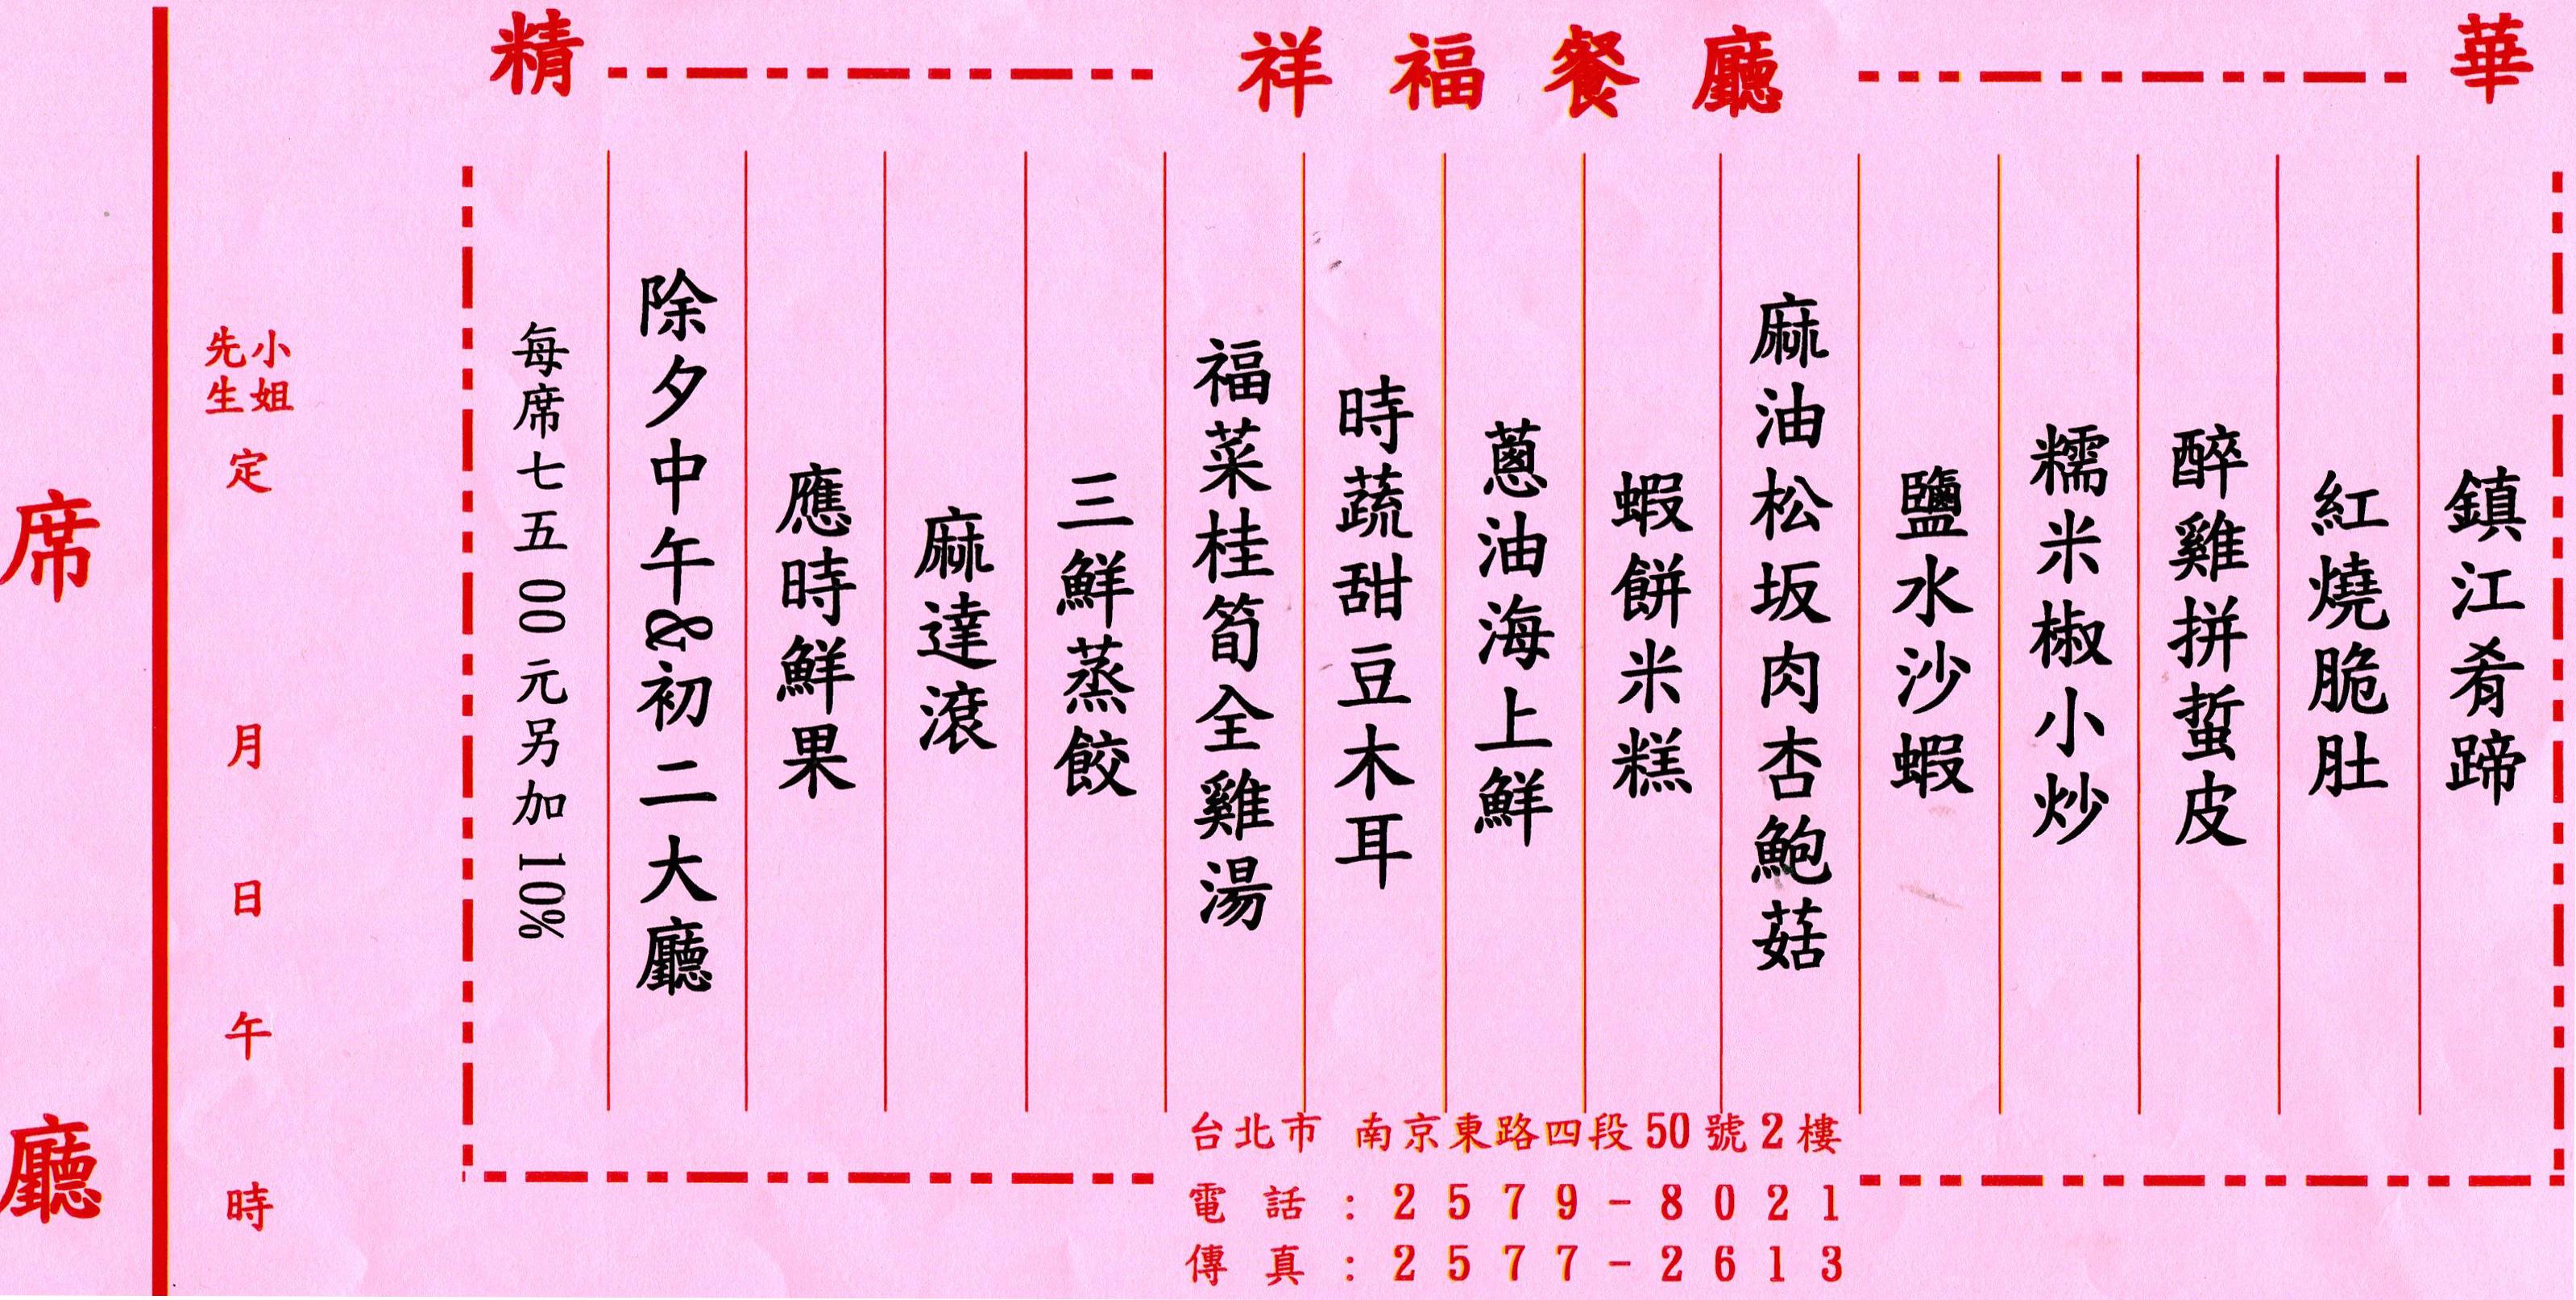 祥福餐廳2016除夕中午